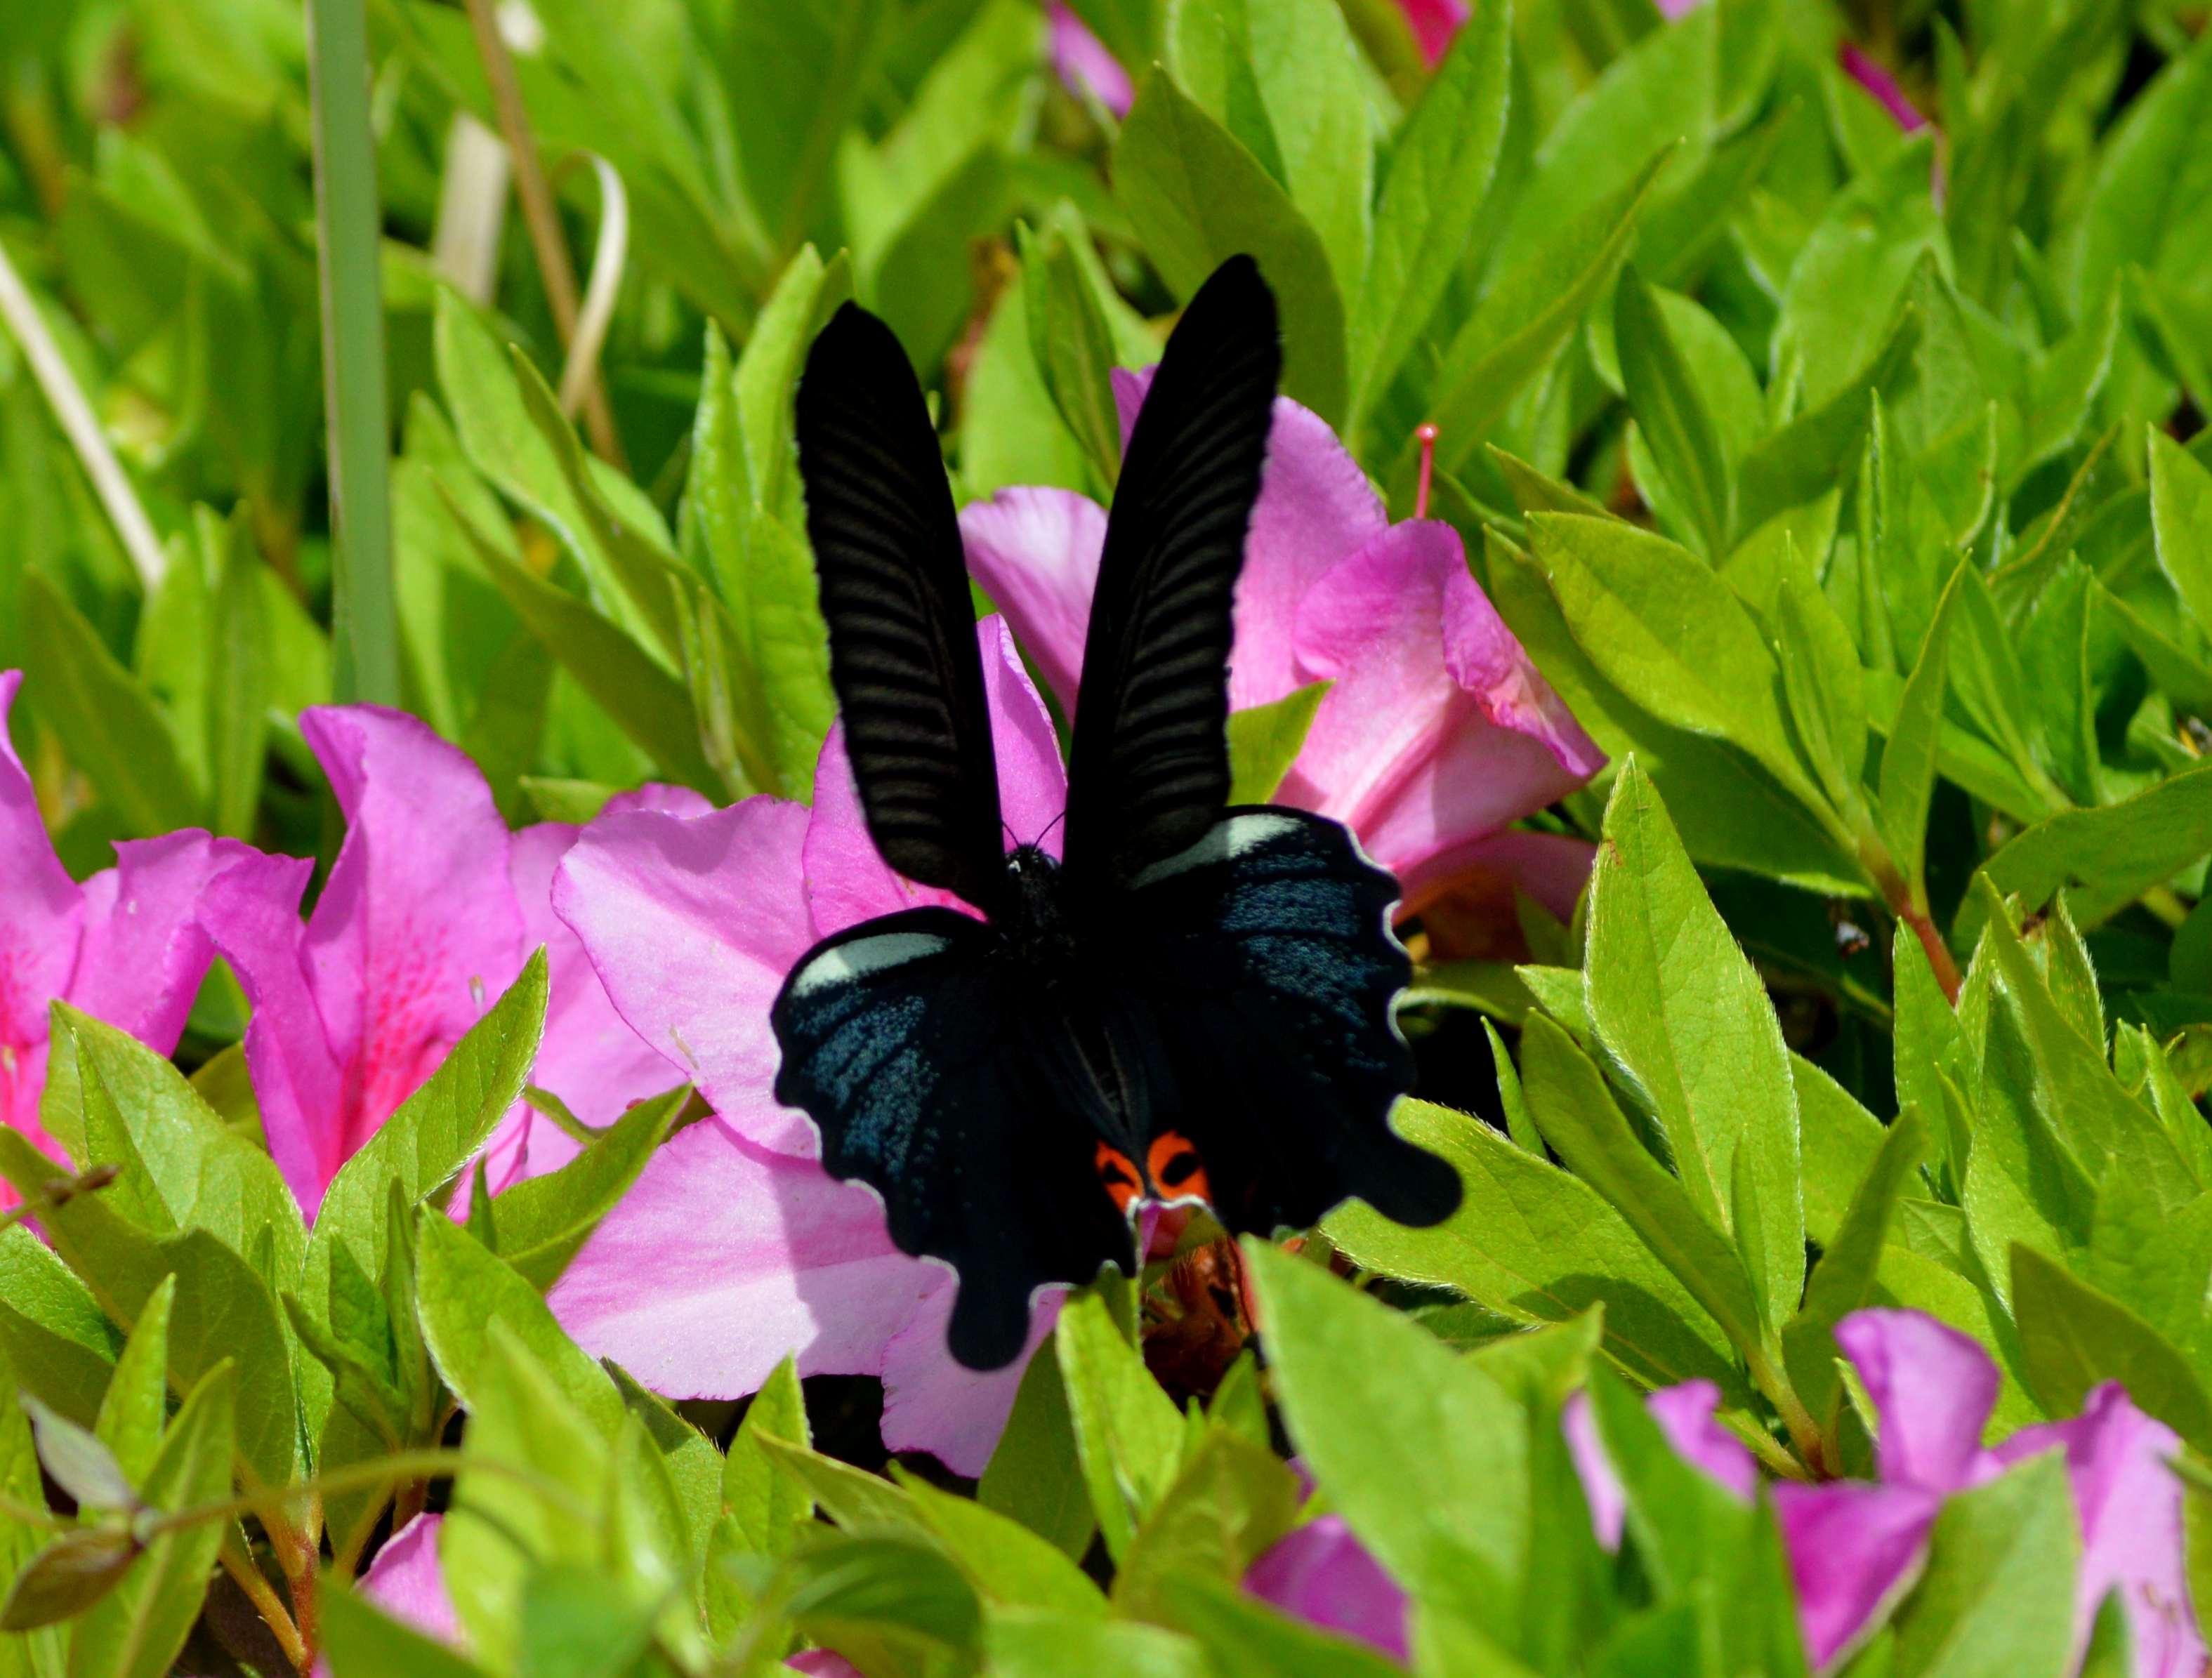 クロアゲハ 5月2日ツツジの咲く公園にて_d0254540_14561097.jpg